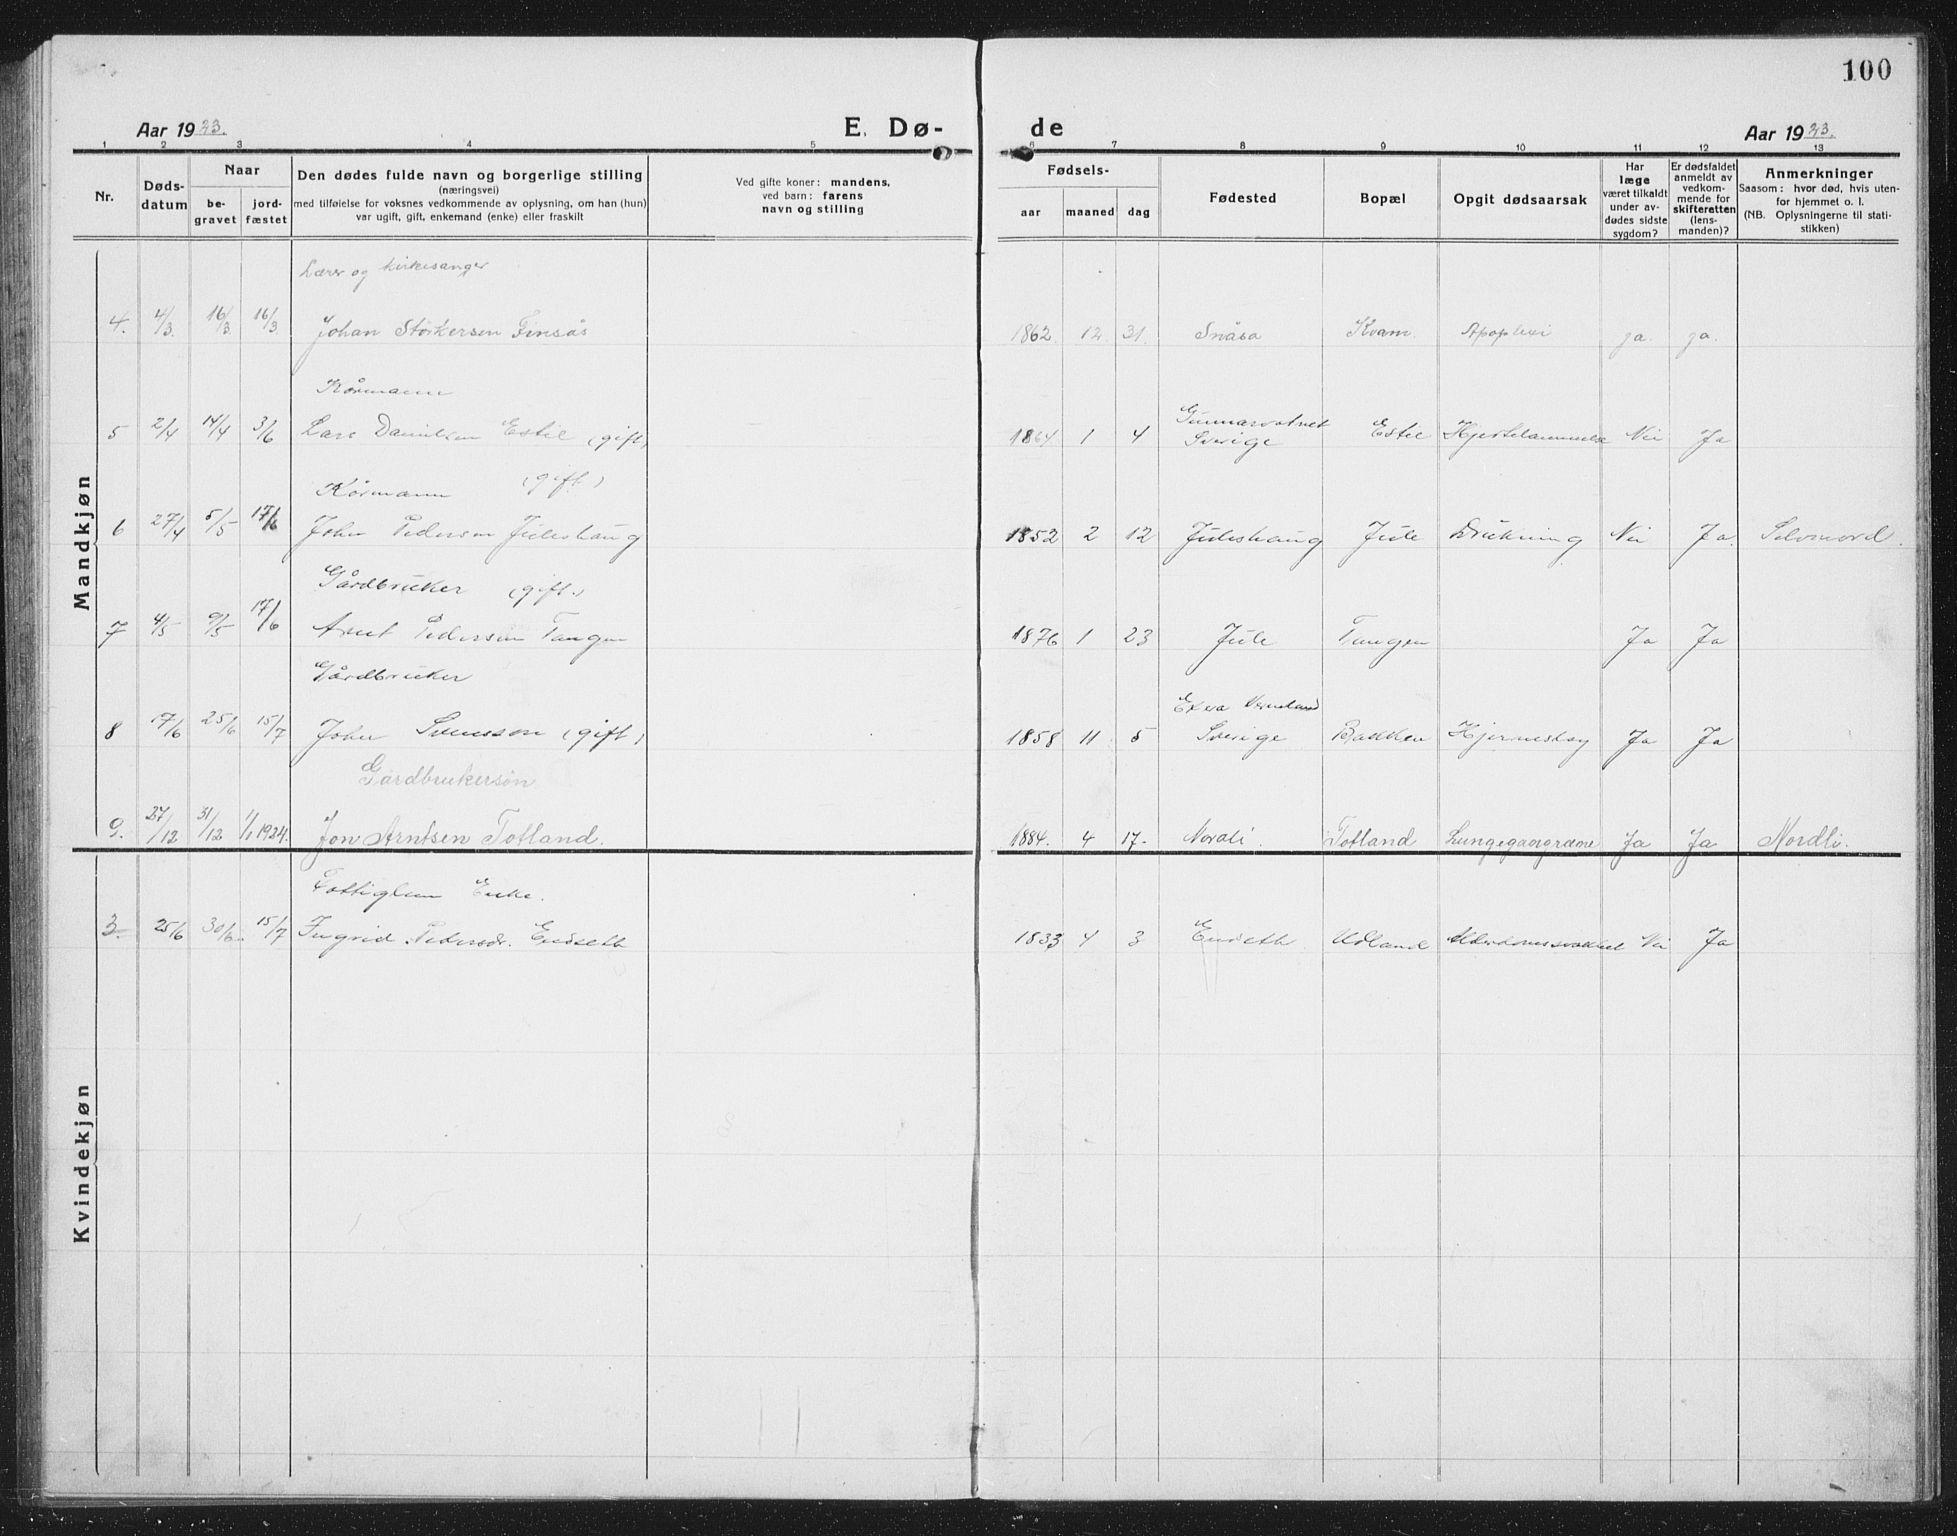 SAT, Ministerialprotokoller, klokkerbøker og fødselsregistre - Nord-Trøndelag, 757/L0507: Klokkerbok nr. 757C02, 1923-1939, s. 100